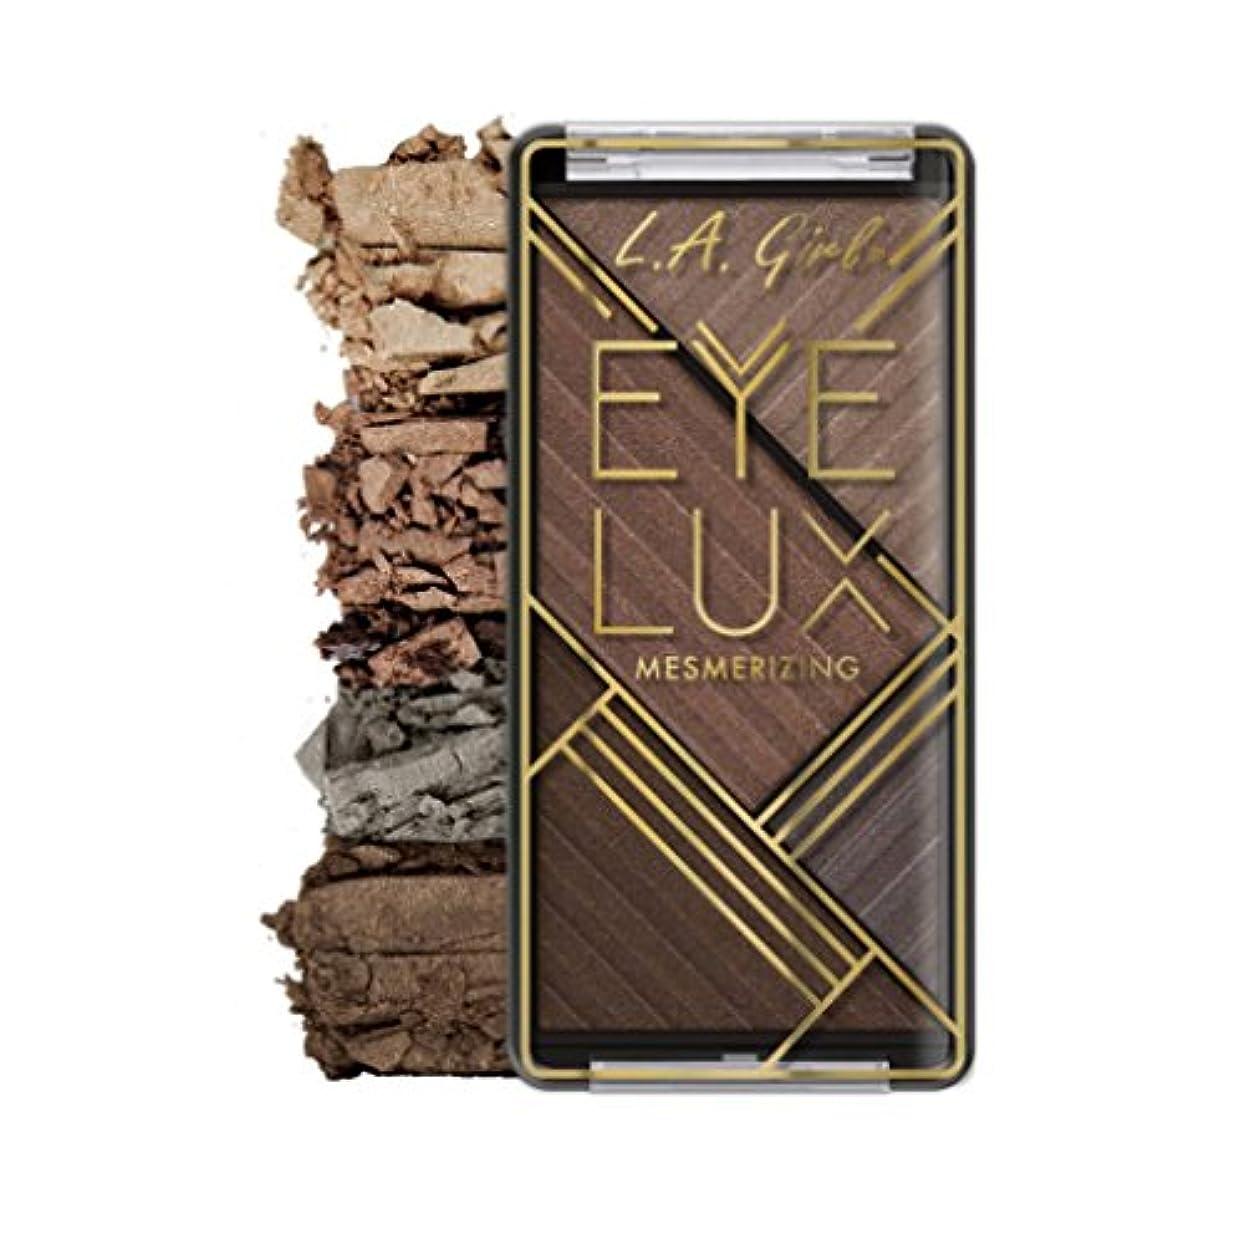 誇張才能血色の良い(6 Pack) L.A. GIRL Eye Lux Mesmerizing Eyeshadow - Socialize (並行輸入品)